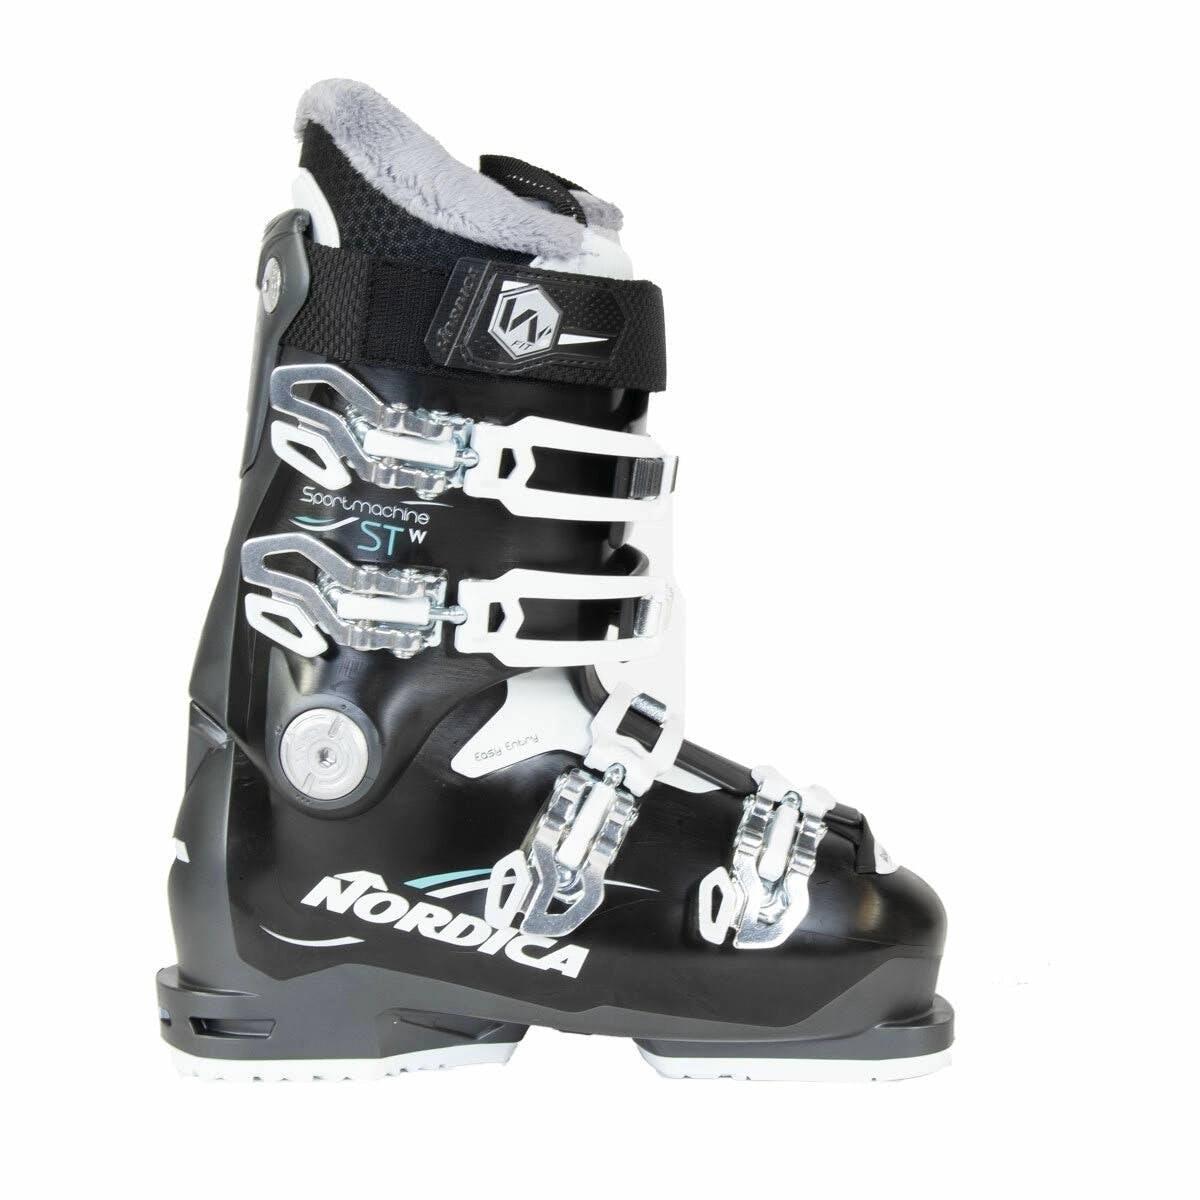 Nordica Nordica Sport Machine ST Women's  Ski Boots · 2021